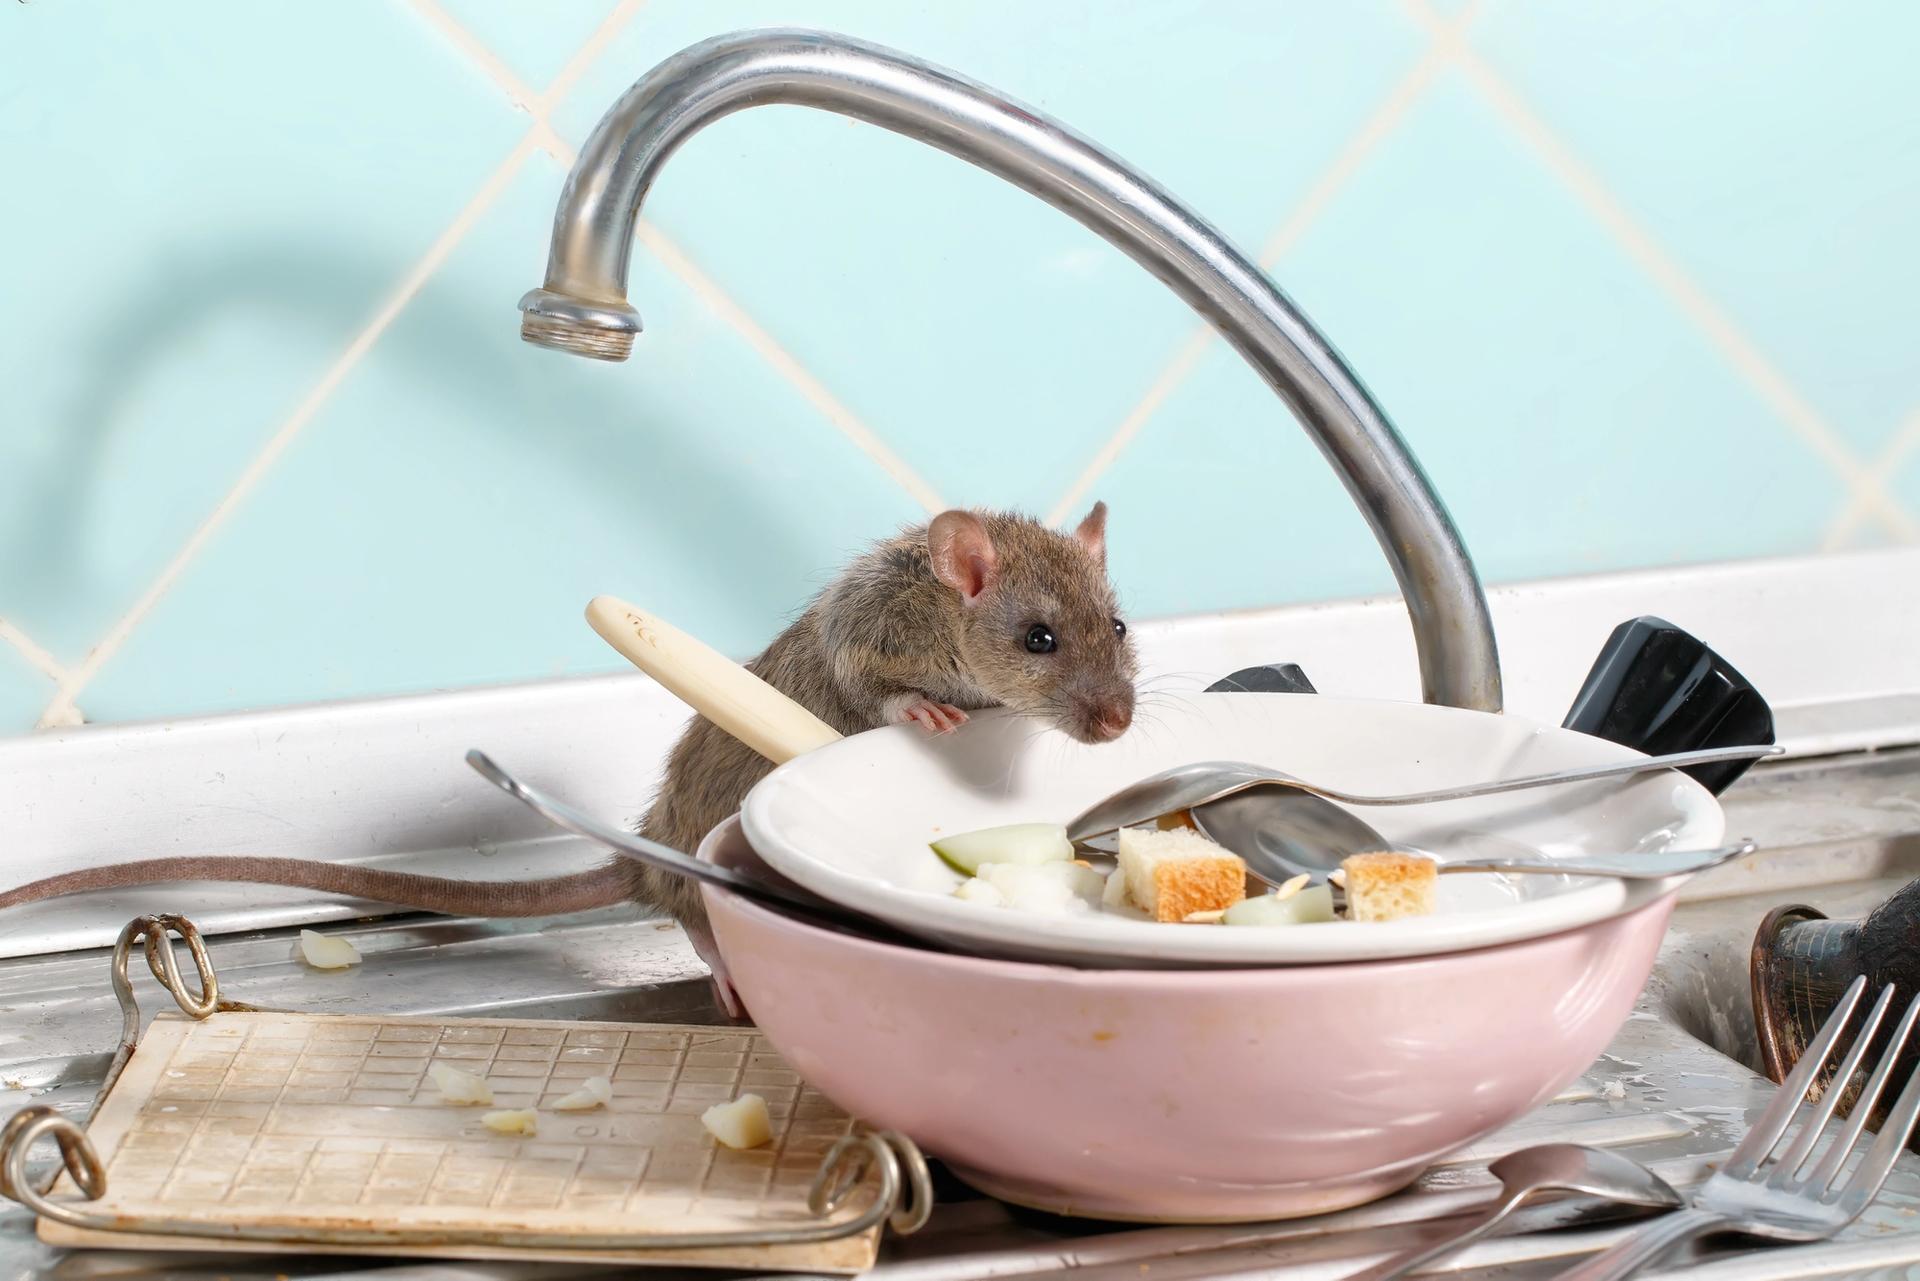 Rata en la cocina